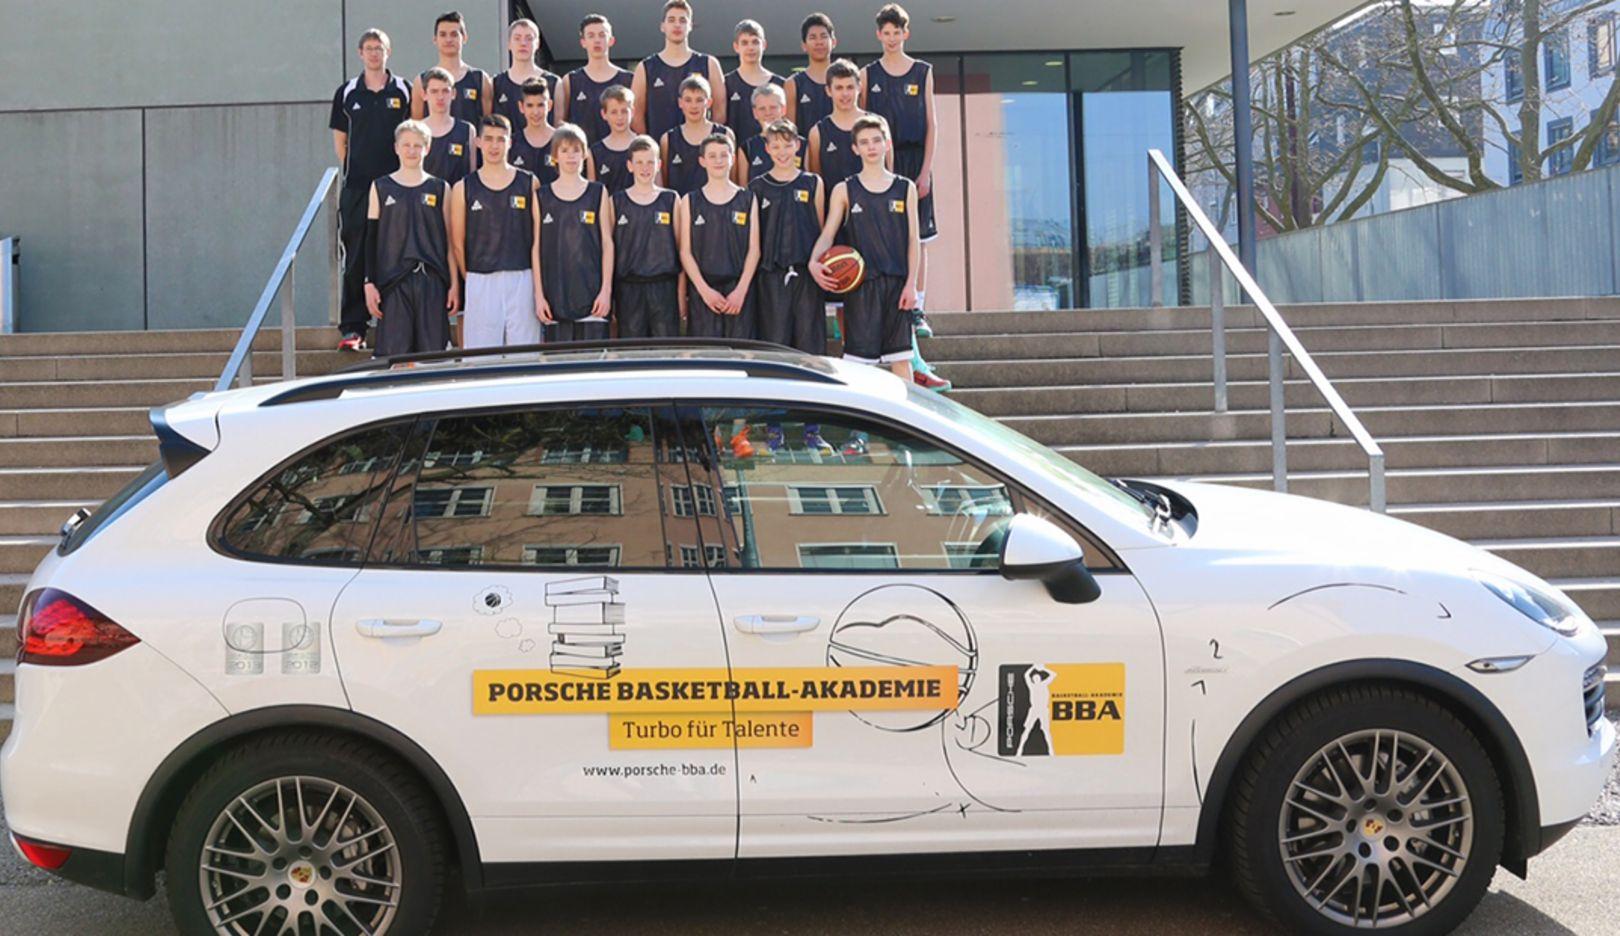 Nachwuchs der Porsche BBA Ludwigsburg, Porsche Jugendförderung, 2016, Porsche AG